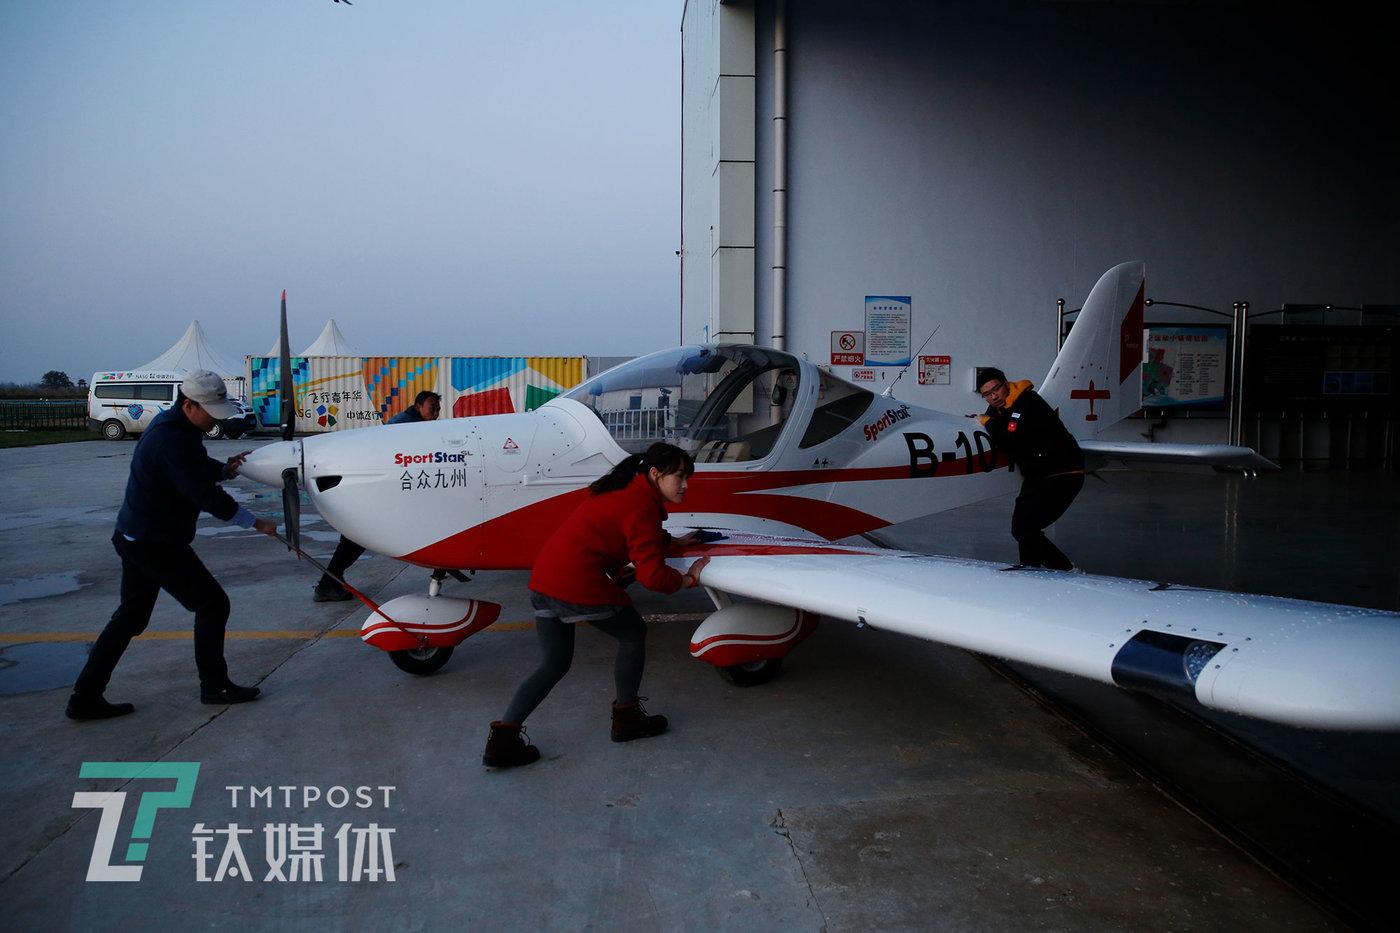 飞行训练结束,学员们一起将飞机推进机库。